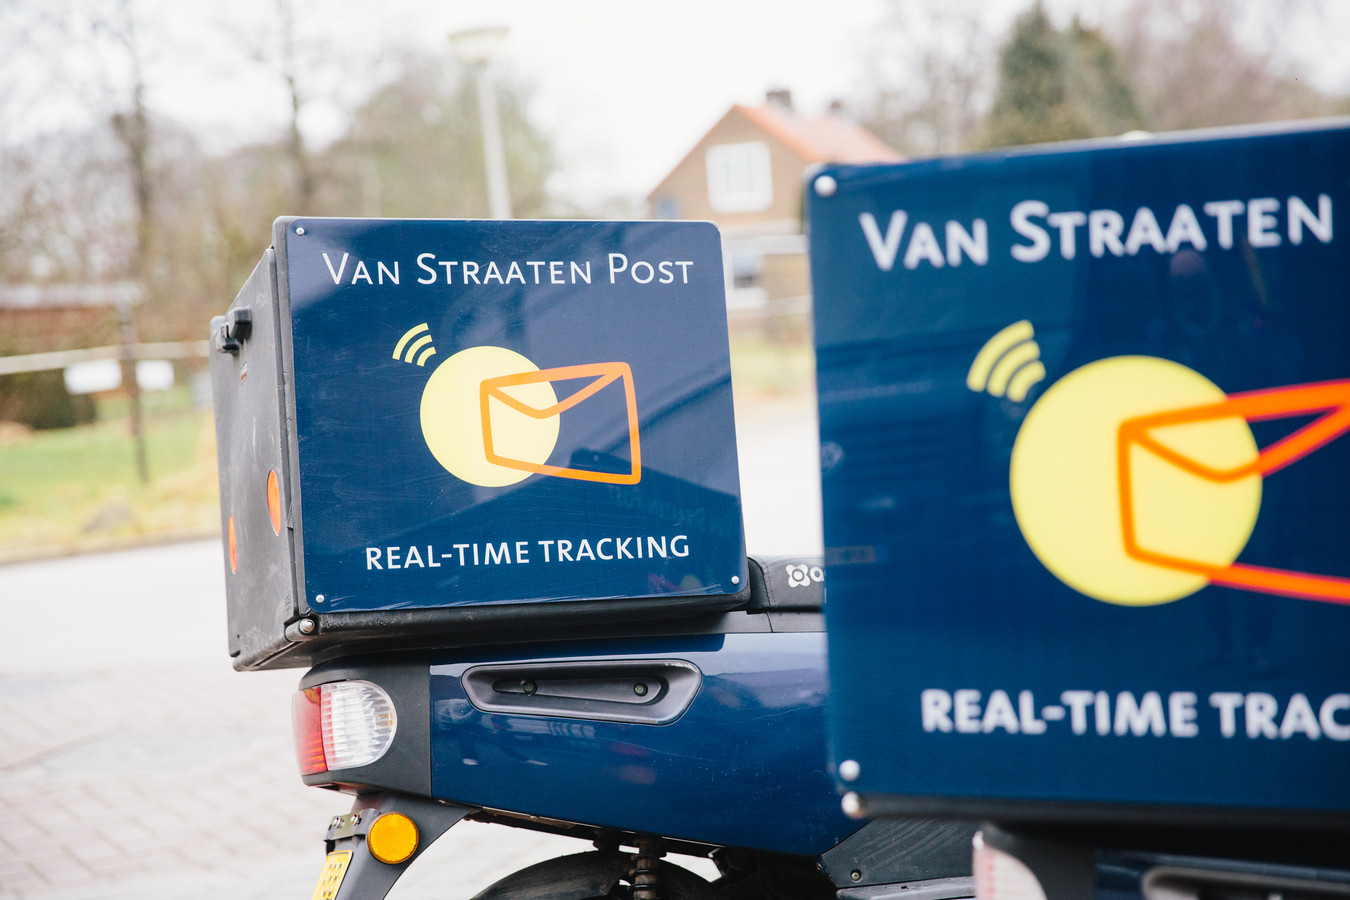 Sandd (Apeldoorn) maakte op 15 september bekend Van Straaten Post over te nemen.